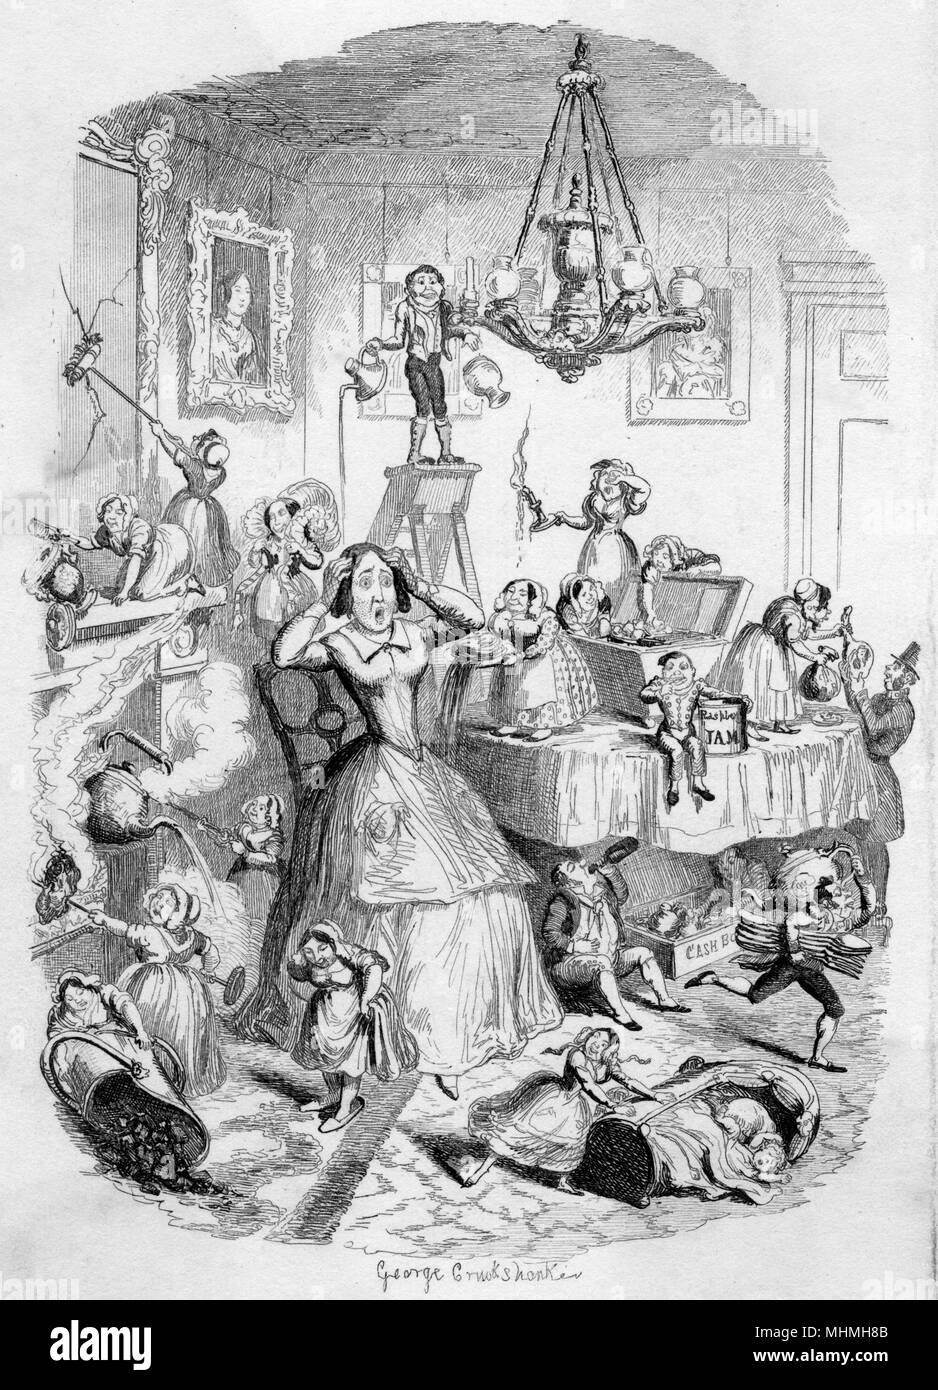 La padrona di casa è sconcertata dal aggravations, tribolazioni, vessazioni e le irritazioni causate dai suoi servi... Data: 1849 Immagini Stock